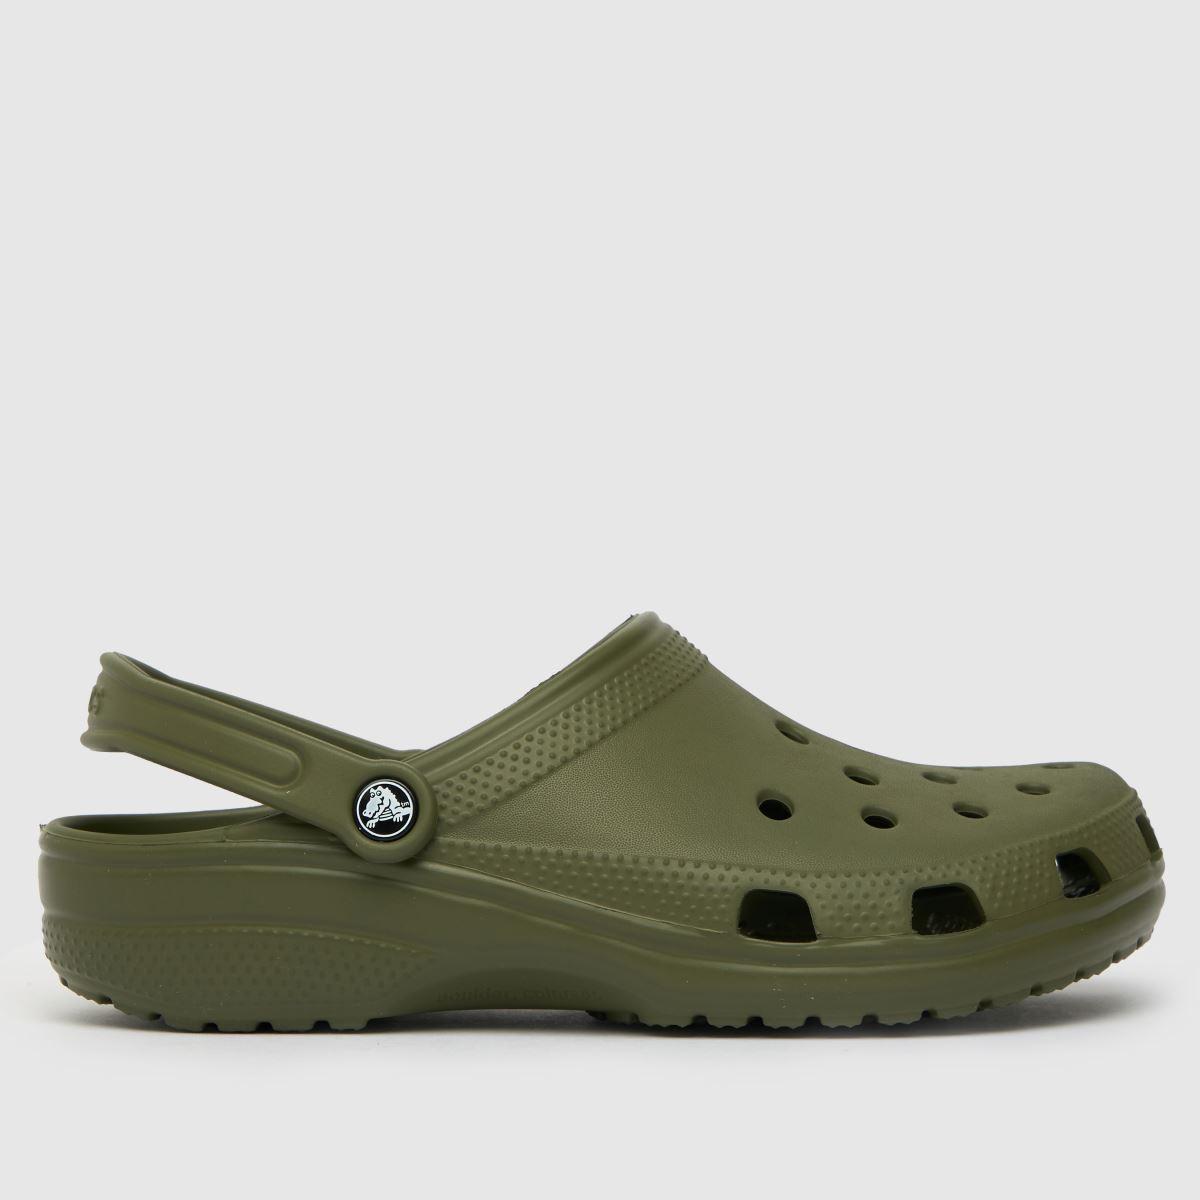 Crocs Dark Green Classic Sandals